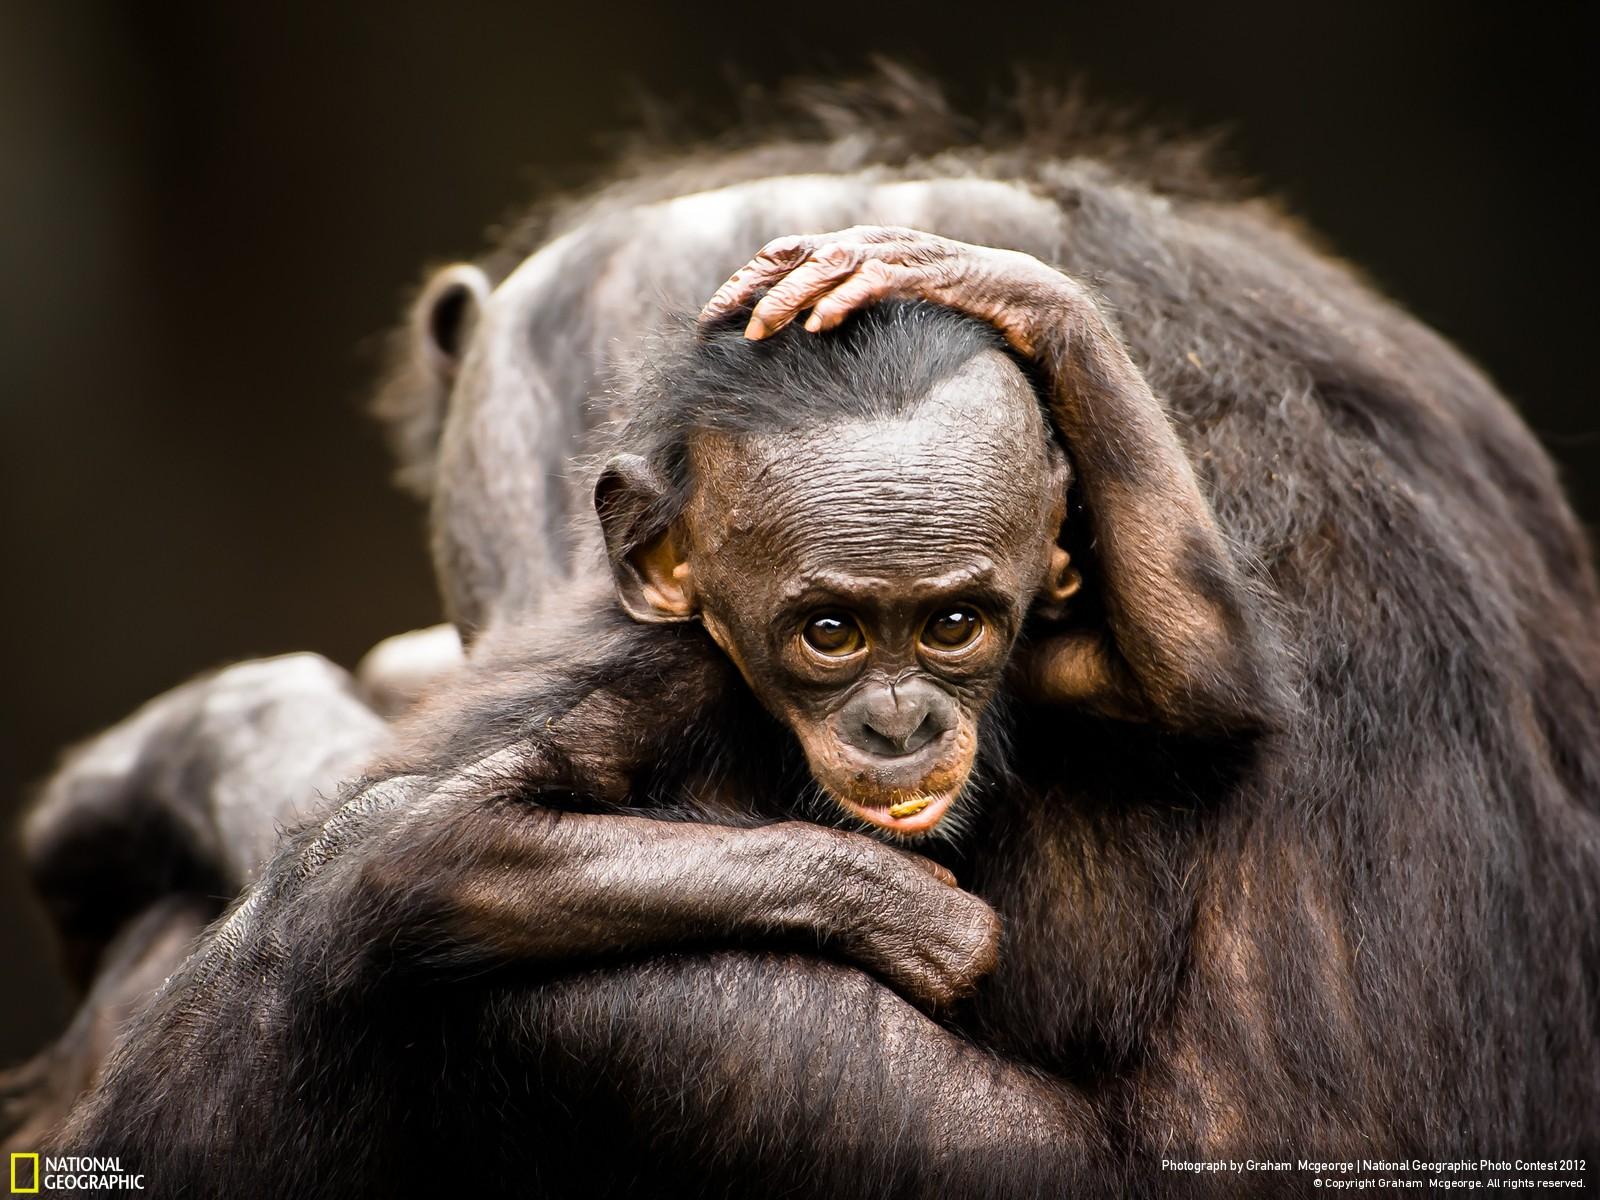 31 Лучшие фотографии за 2012 год по версии National Geographic